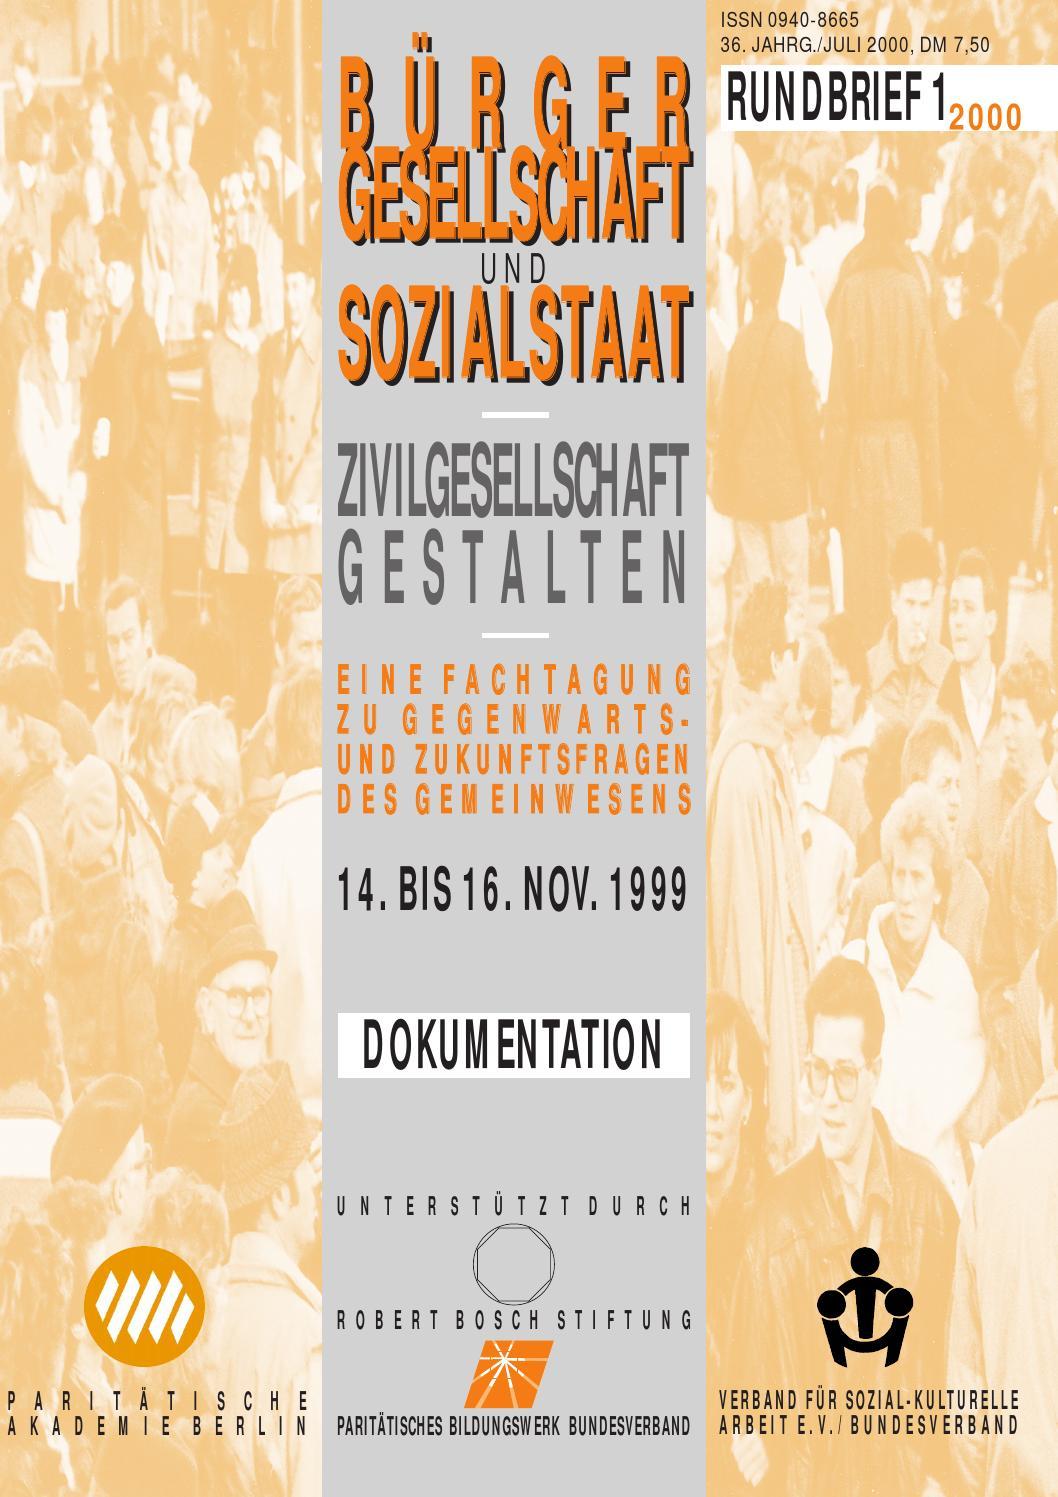 Rundbrief 1-2000 by Rundbrief Stadtteilarbeit - issuu